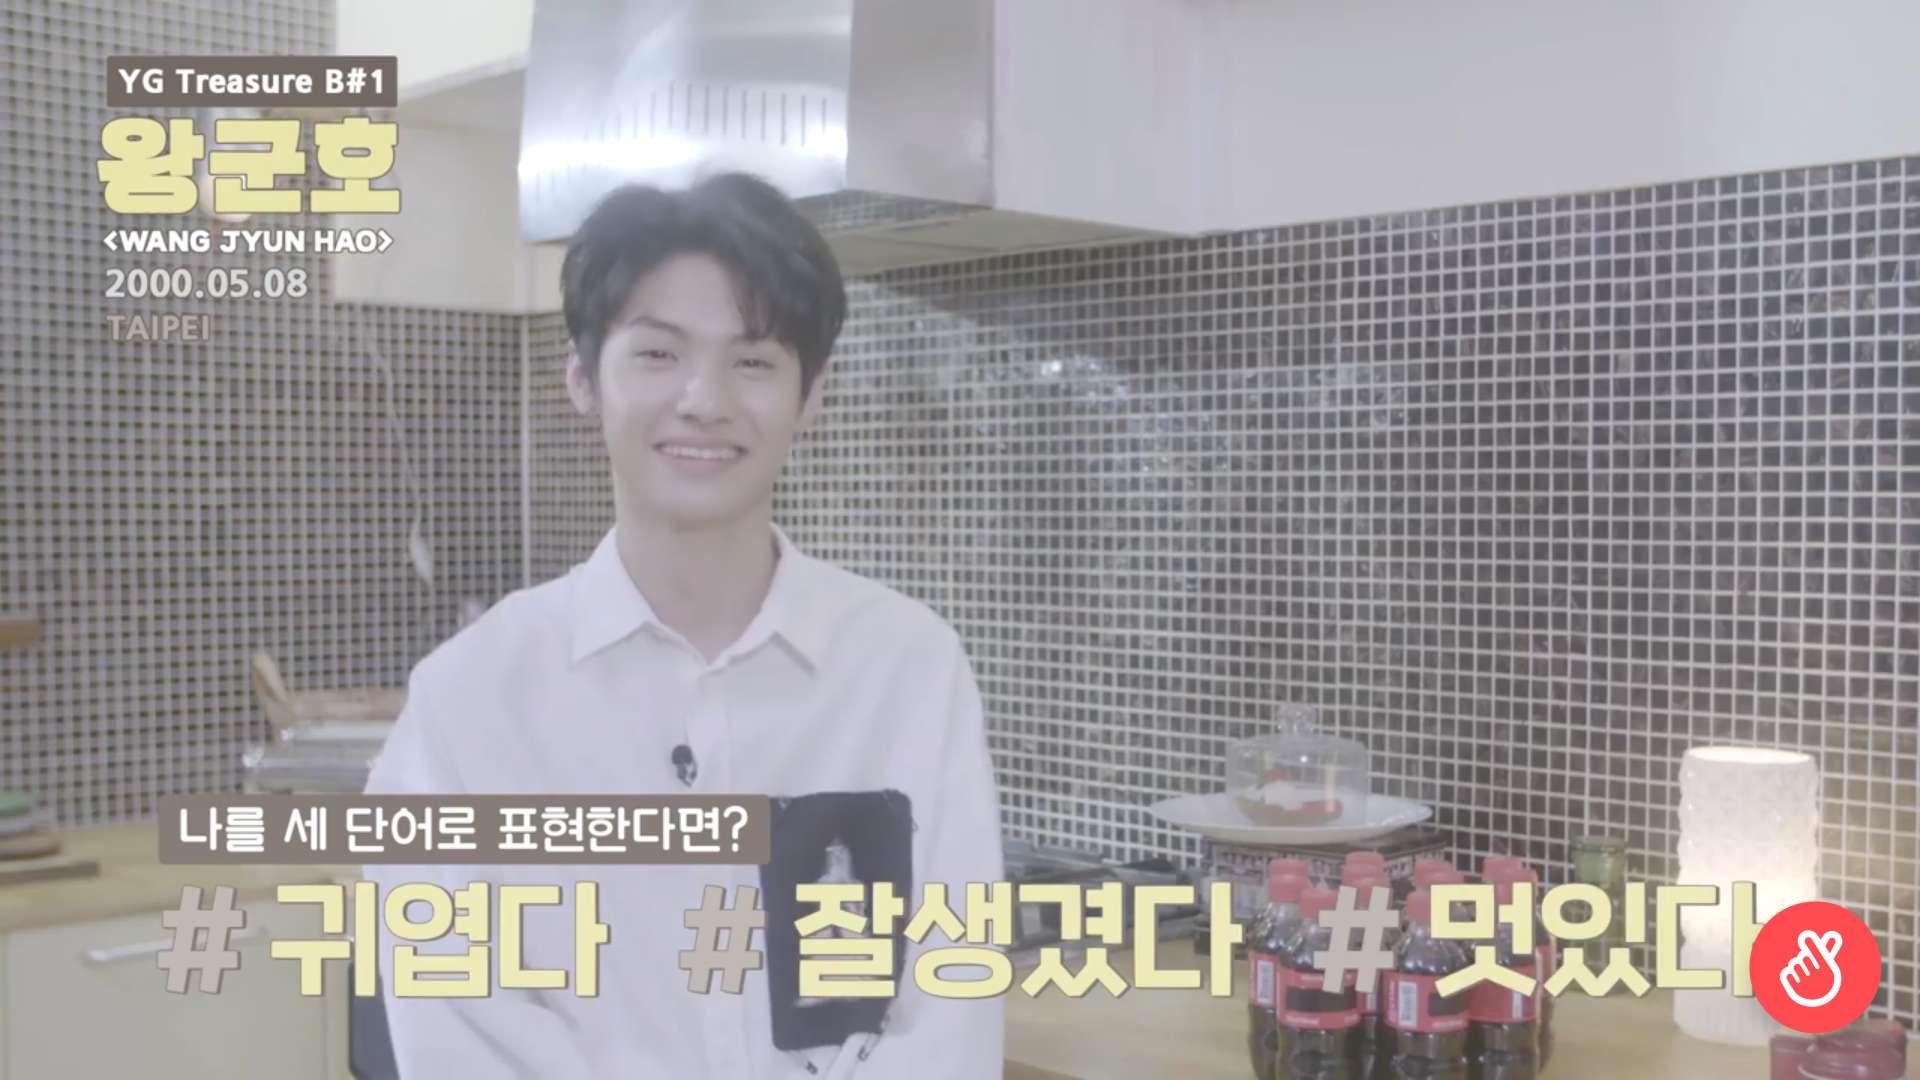 而他除了是YG中第一個公開的外國男練習生,更是YG第一位公開的華語練習生。 這樣又可愛又好看又帥氣的練習生,當然要多多關注一下囉!